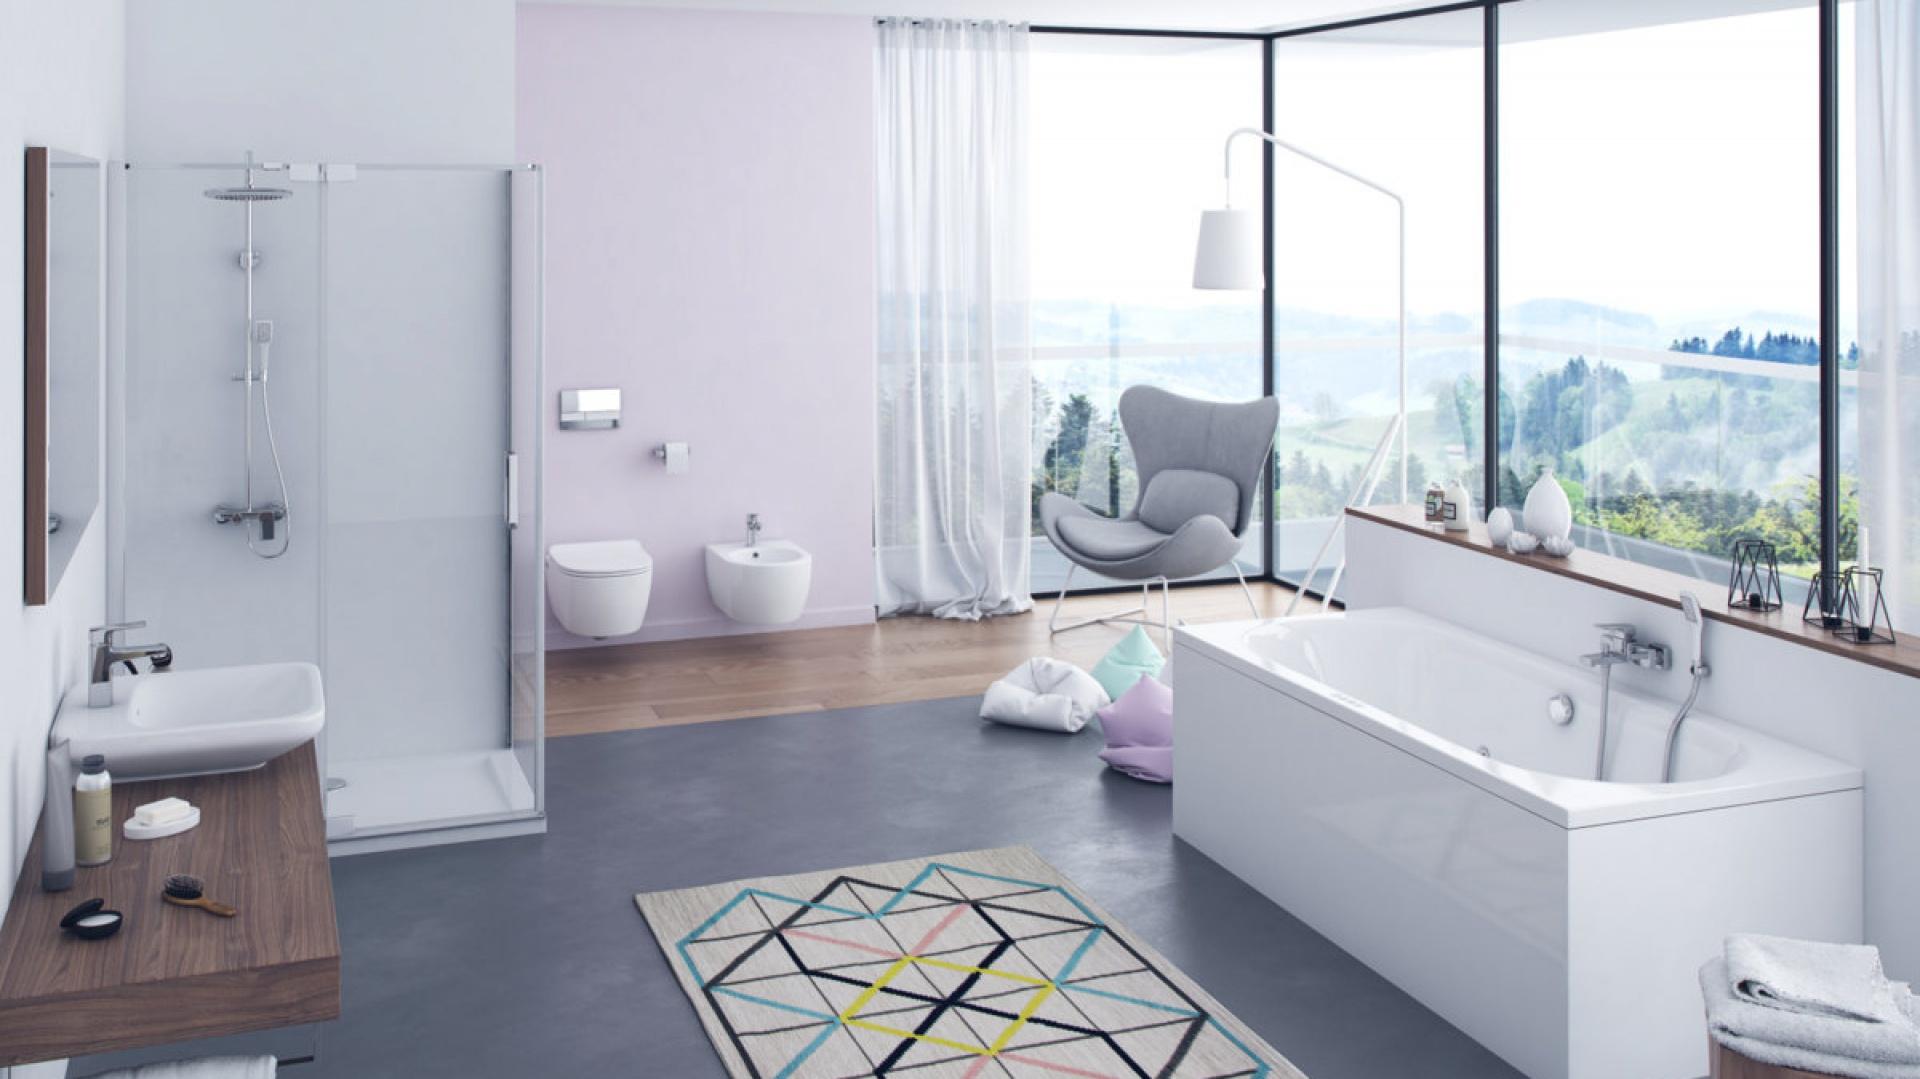 Wanna akrylowa Oceana, ceramika DOTO, kabina prysznicowa Colors, zestaw prysznicowo wannowy Rain Altar White. Fot. Excellent